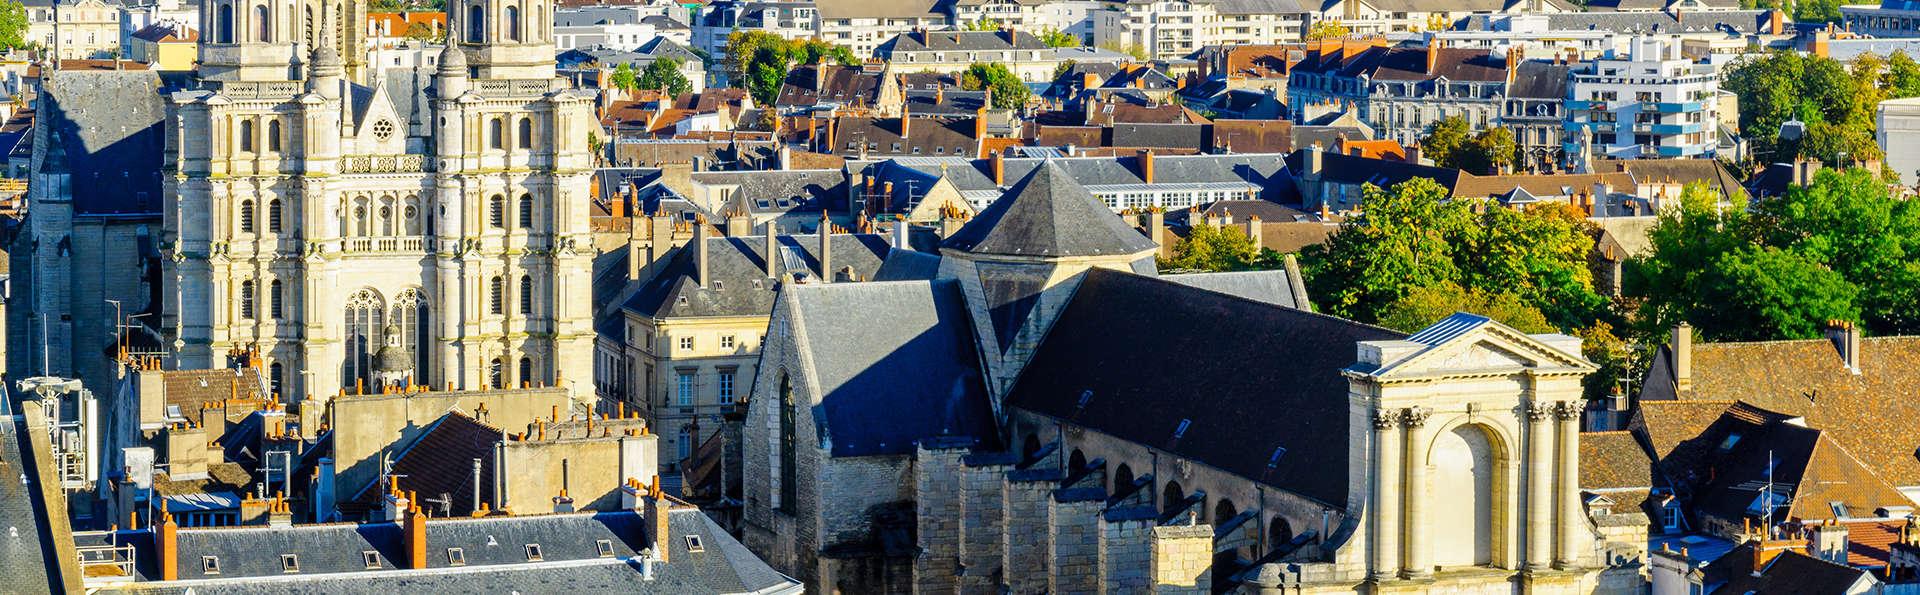 Week-end avec dégustation de vins en Bourgogne